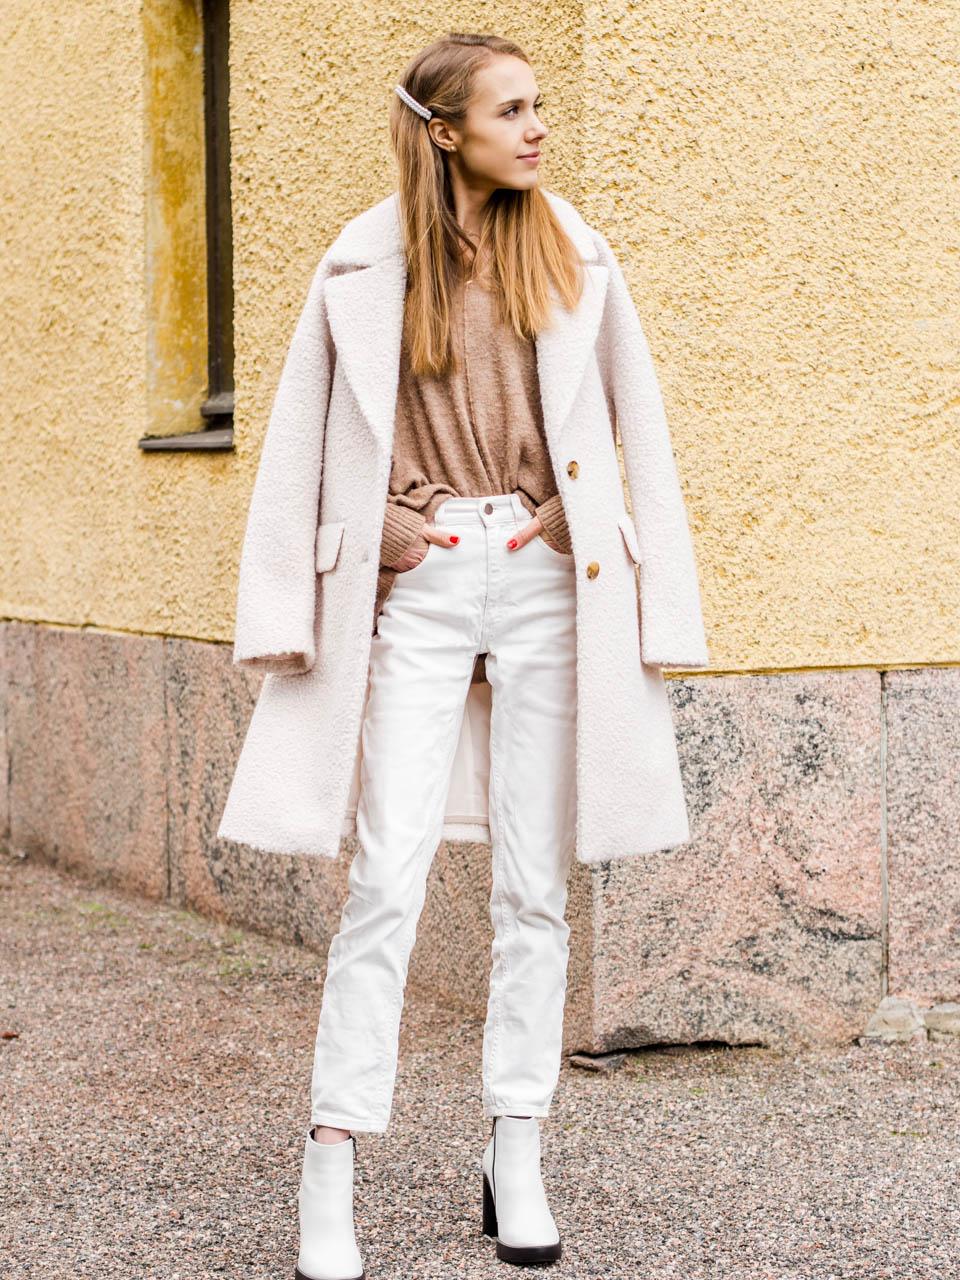 Autumn/Winter fashion 2019 coats - Syksyn ja talven 2019 takkimuoti